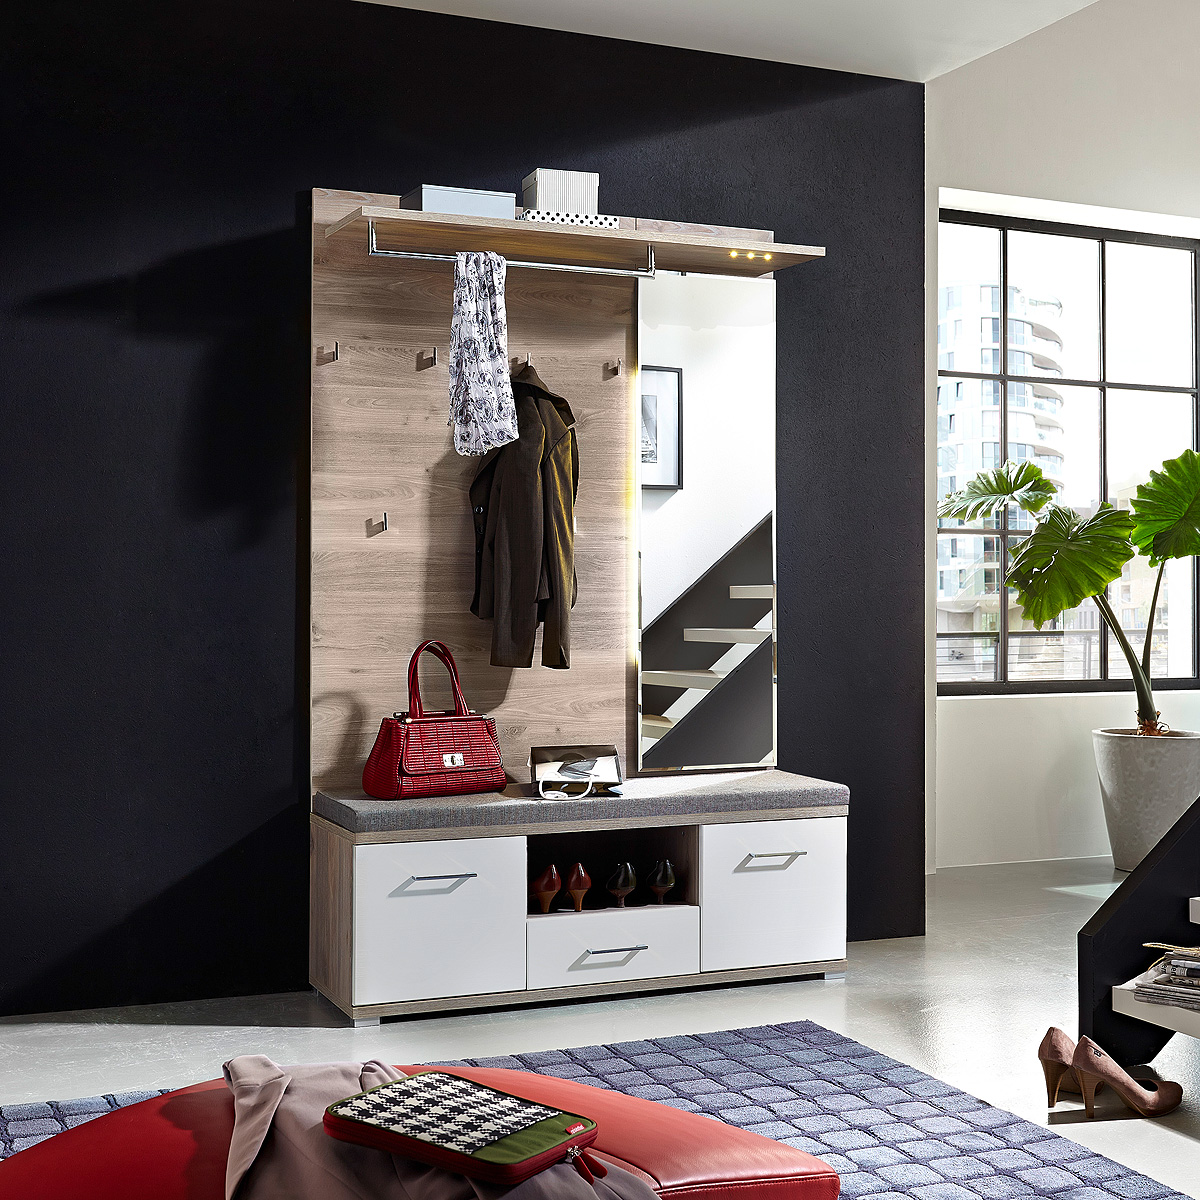 garderobe 2 set plus schuhbank spiegel flurm bel wei und silbereiche mit led eur 358 95. Black Bedroom Furniture Sets. Home Design Ideas